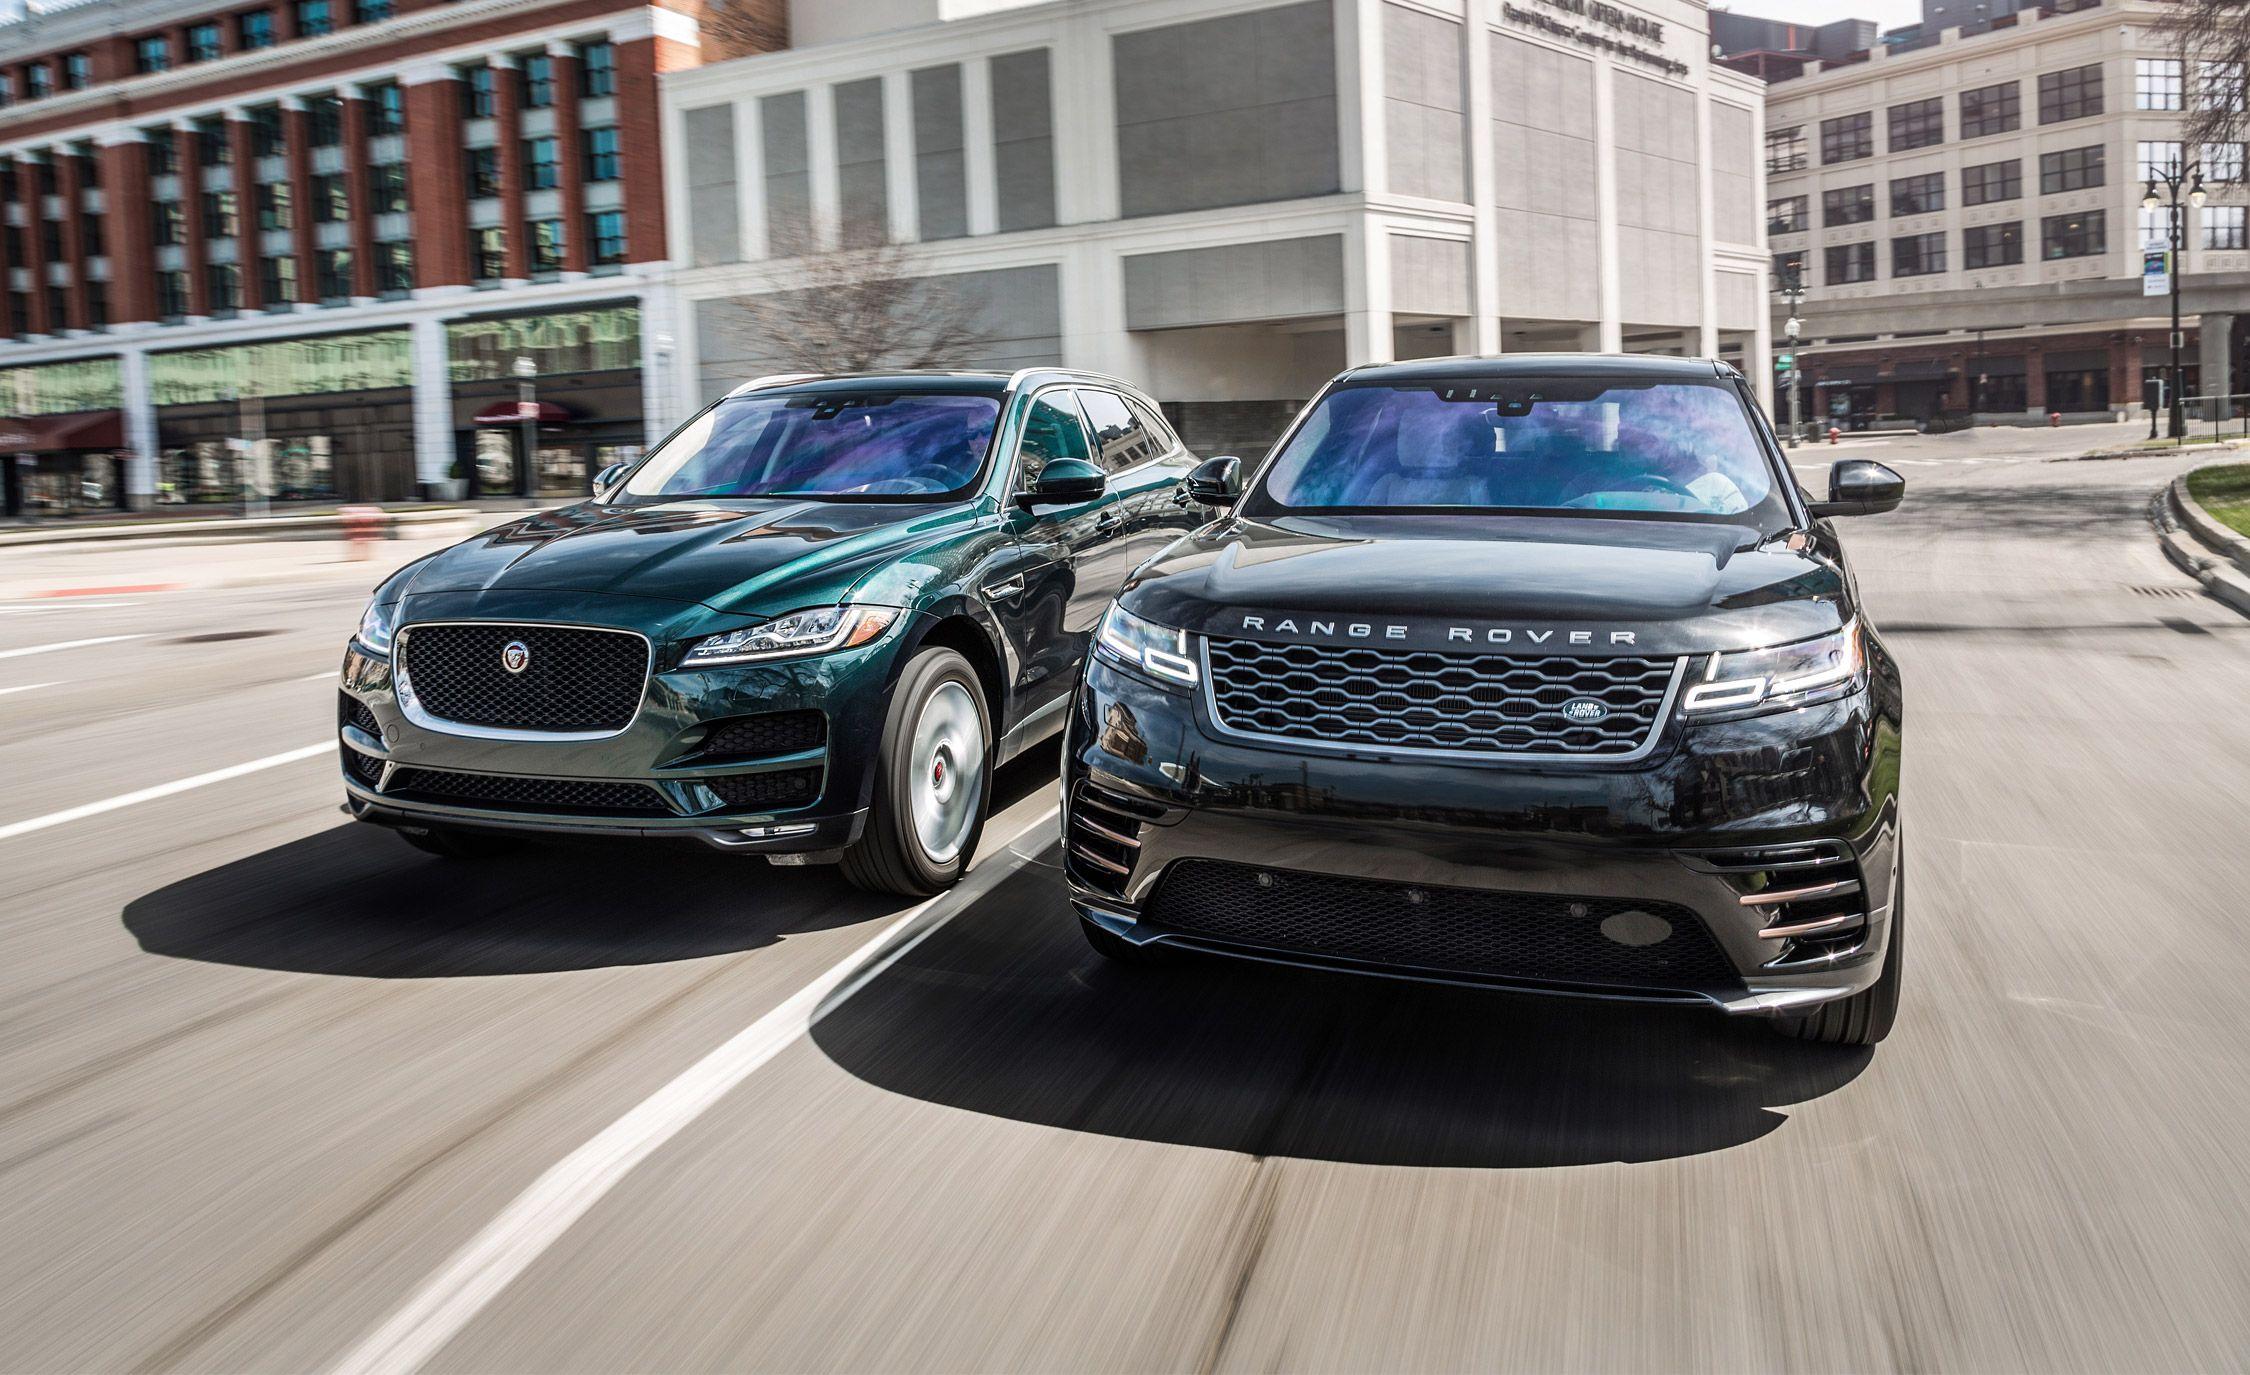 Jaguar F-Pace vs. Range Rover Velar